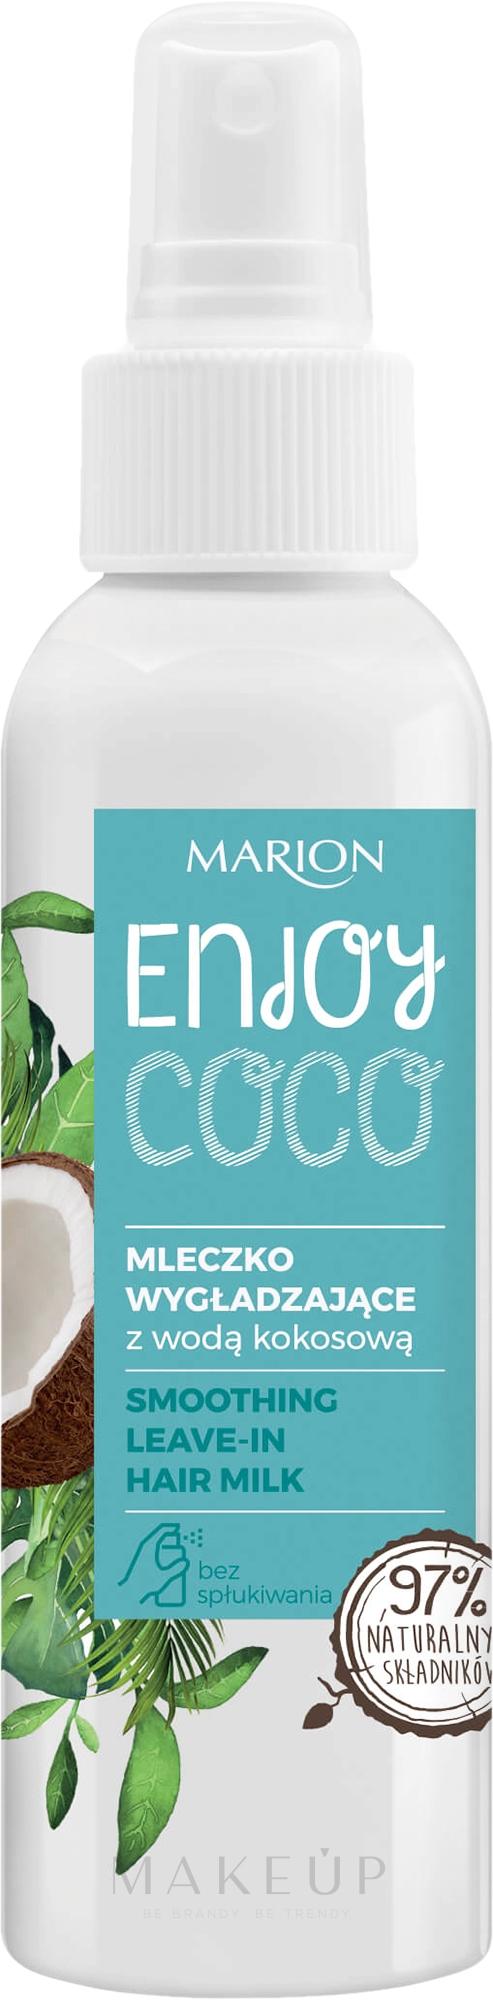 Glättende Haarmilch mit Kokoswasser ohne Ausspülen - Marion Enjoy Coco Smoothing Leave In Hair Milk — Bild 150 ml